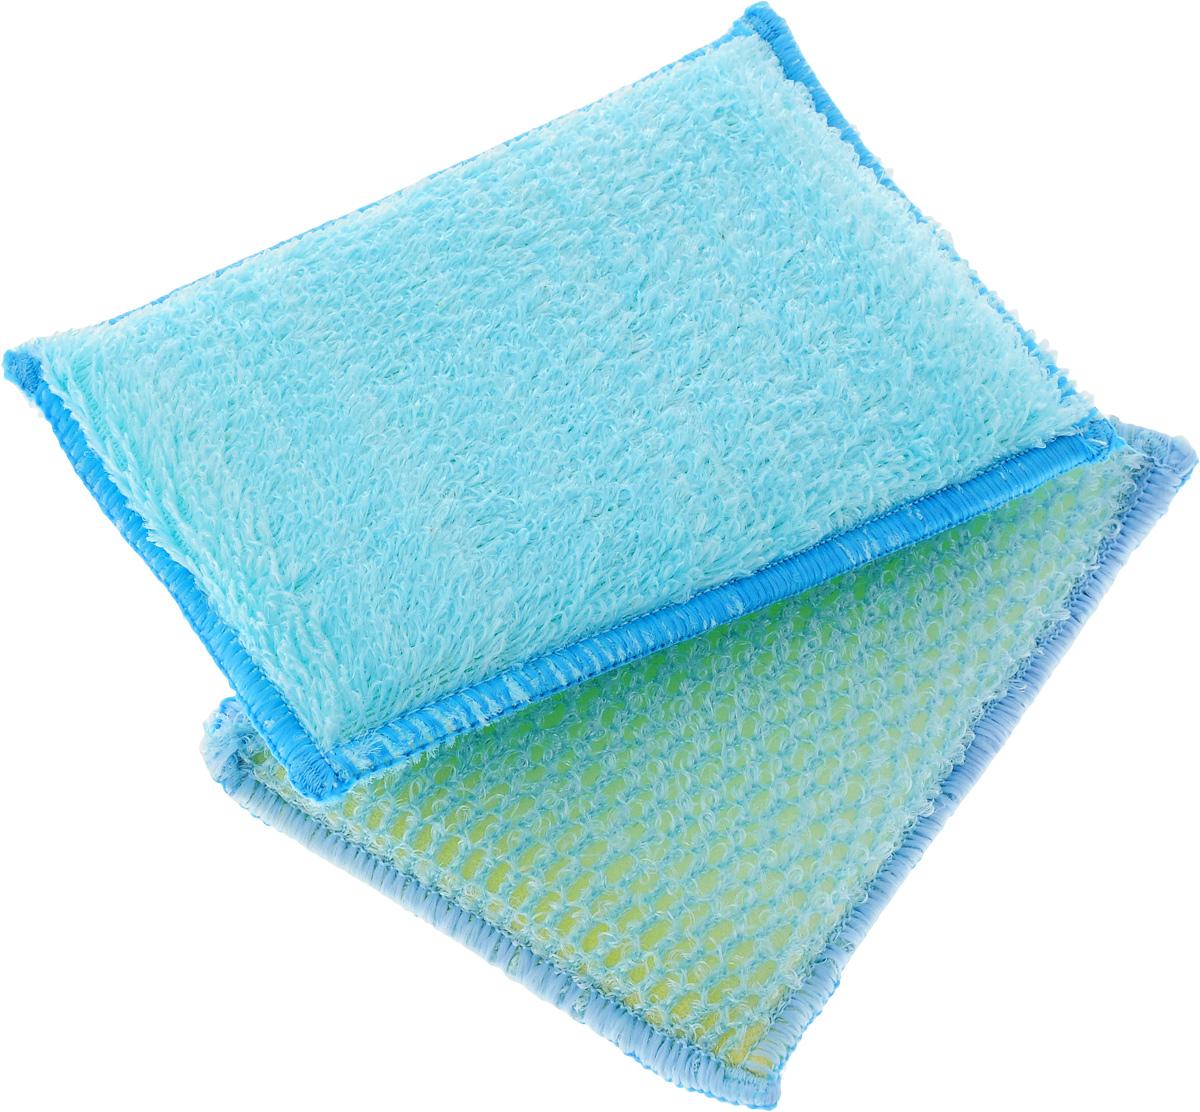 Набор губок для мытья посуды Золушка, цвет: голубой, 10 х 14 х 2 см, 2 шт787502Губками из бамбукового волокна можно не только мыть посуду, но и использоватьих для уборки. Одна губка с одной стороны имеет жесткую структуру для чисткисильнозагрязненных поверхностей, с другой - более мягкую. Вторая губкаполностью мягкая. Для мытья посуды можно использовать только чистую воду, без добавлениямоющих средств.В упаковке 2 губки.